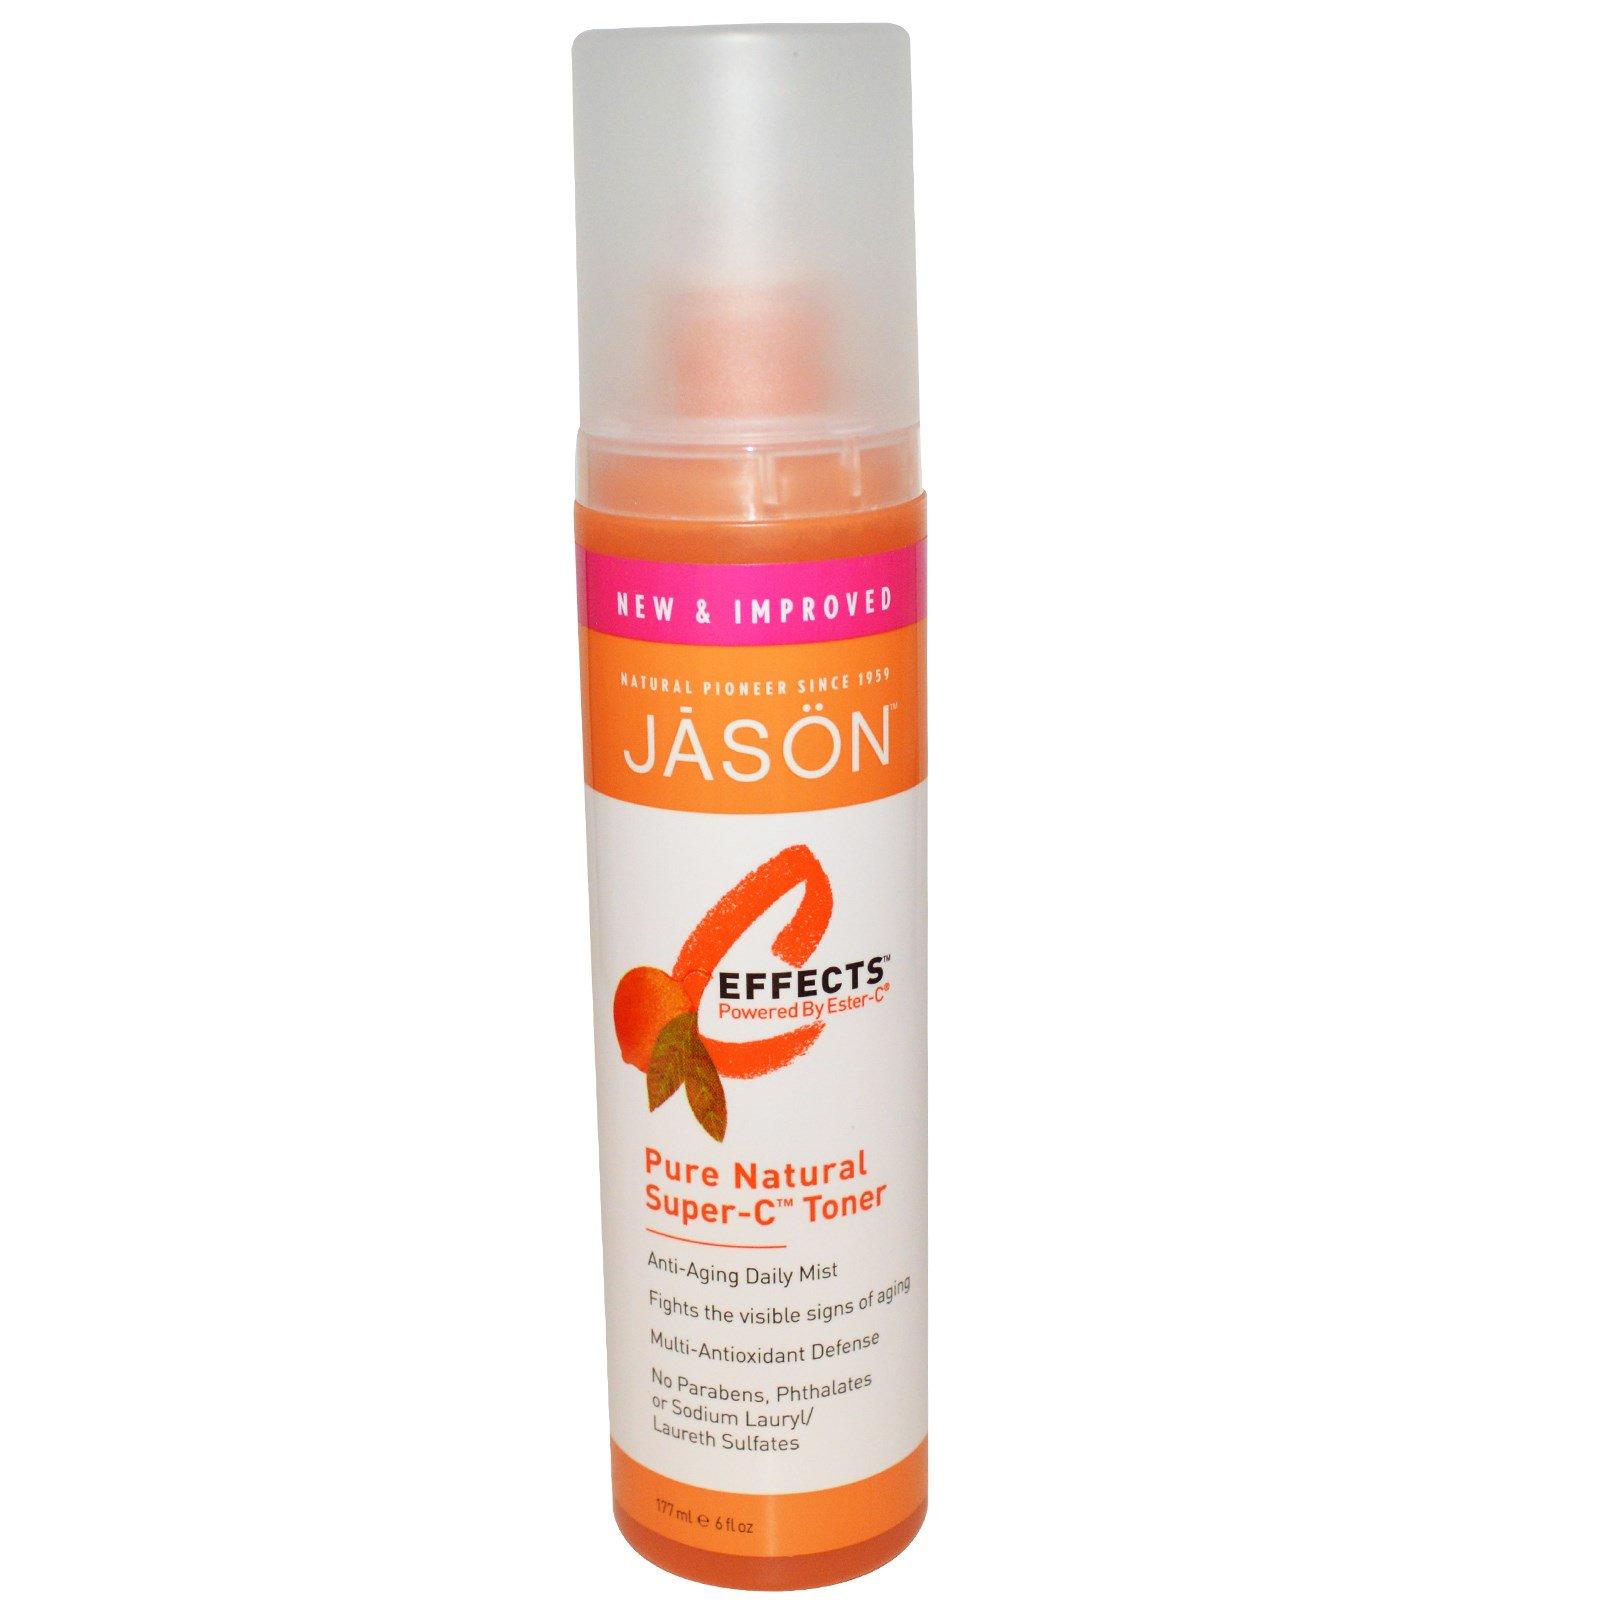 Jason Natural, C-Effects, Чистый натуральный Super-C Toner, 177 мл